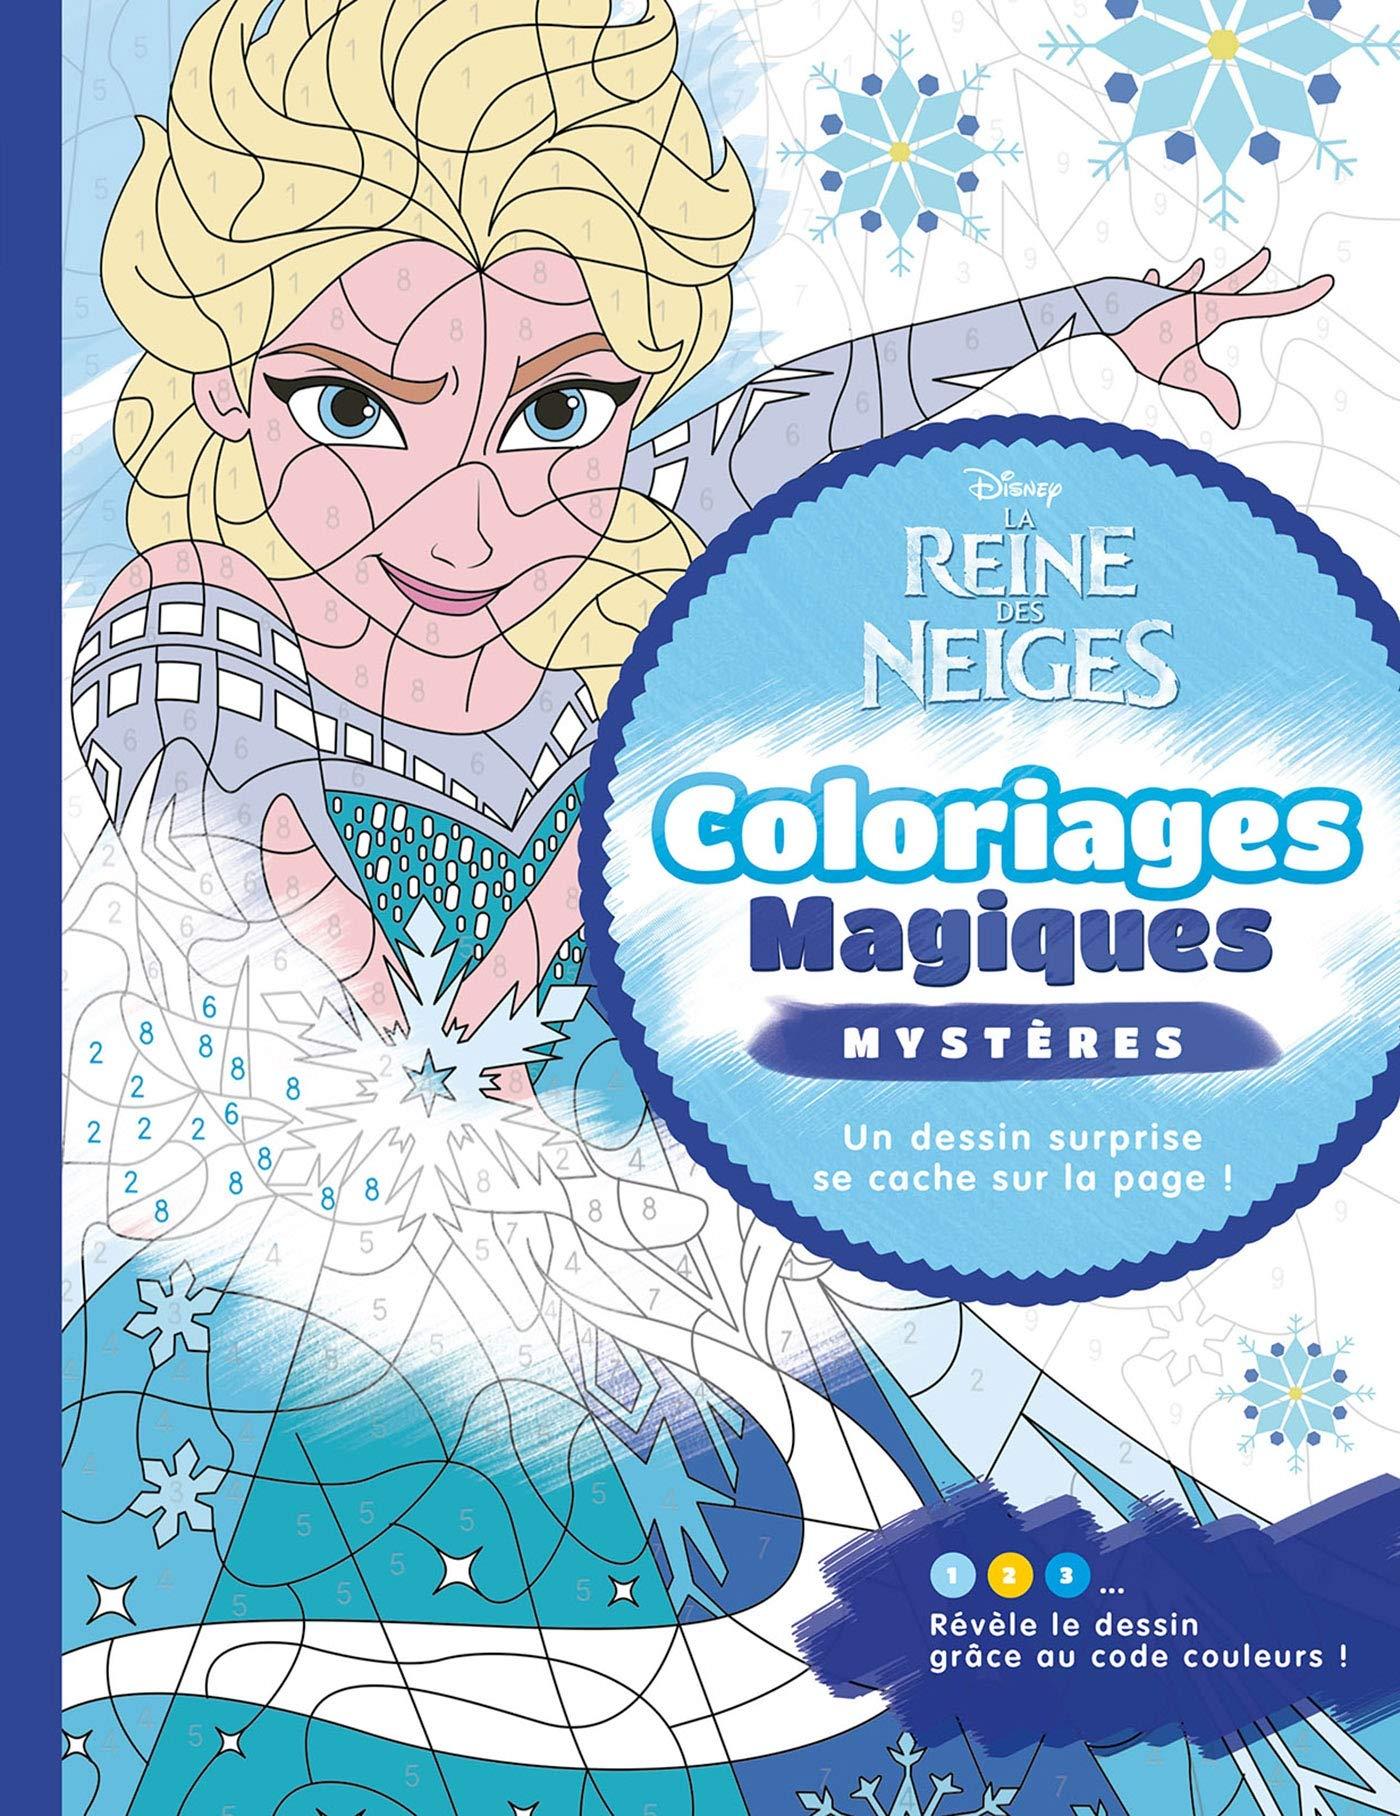 La Reine Des Neiges Coloriages Magiques Mysteres Disney Mysteres Amazon Fr Varone Eugenie Disney Livres